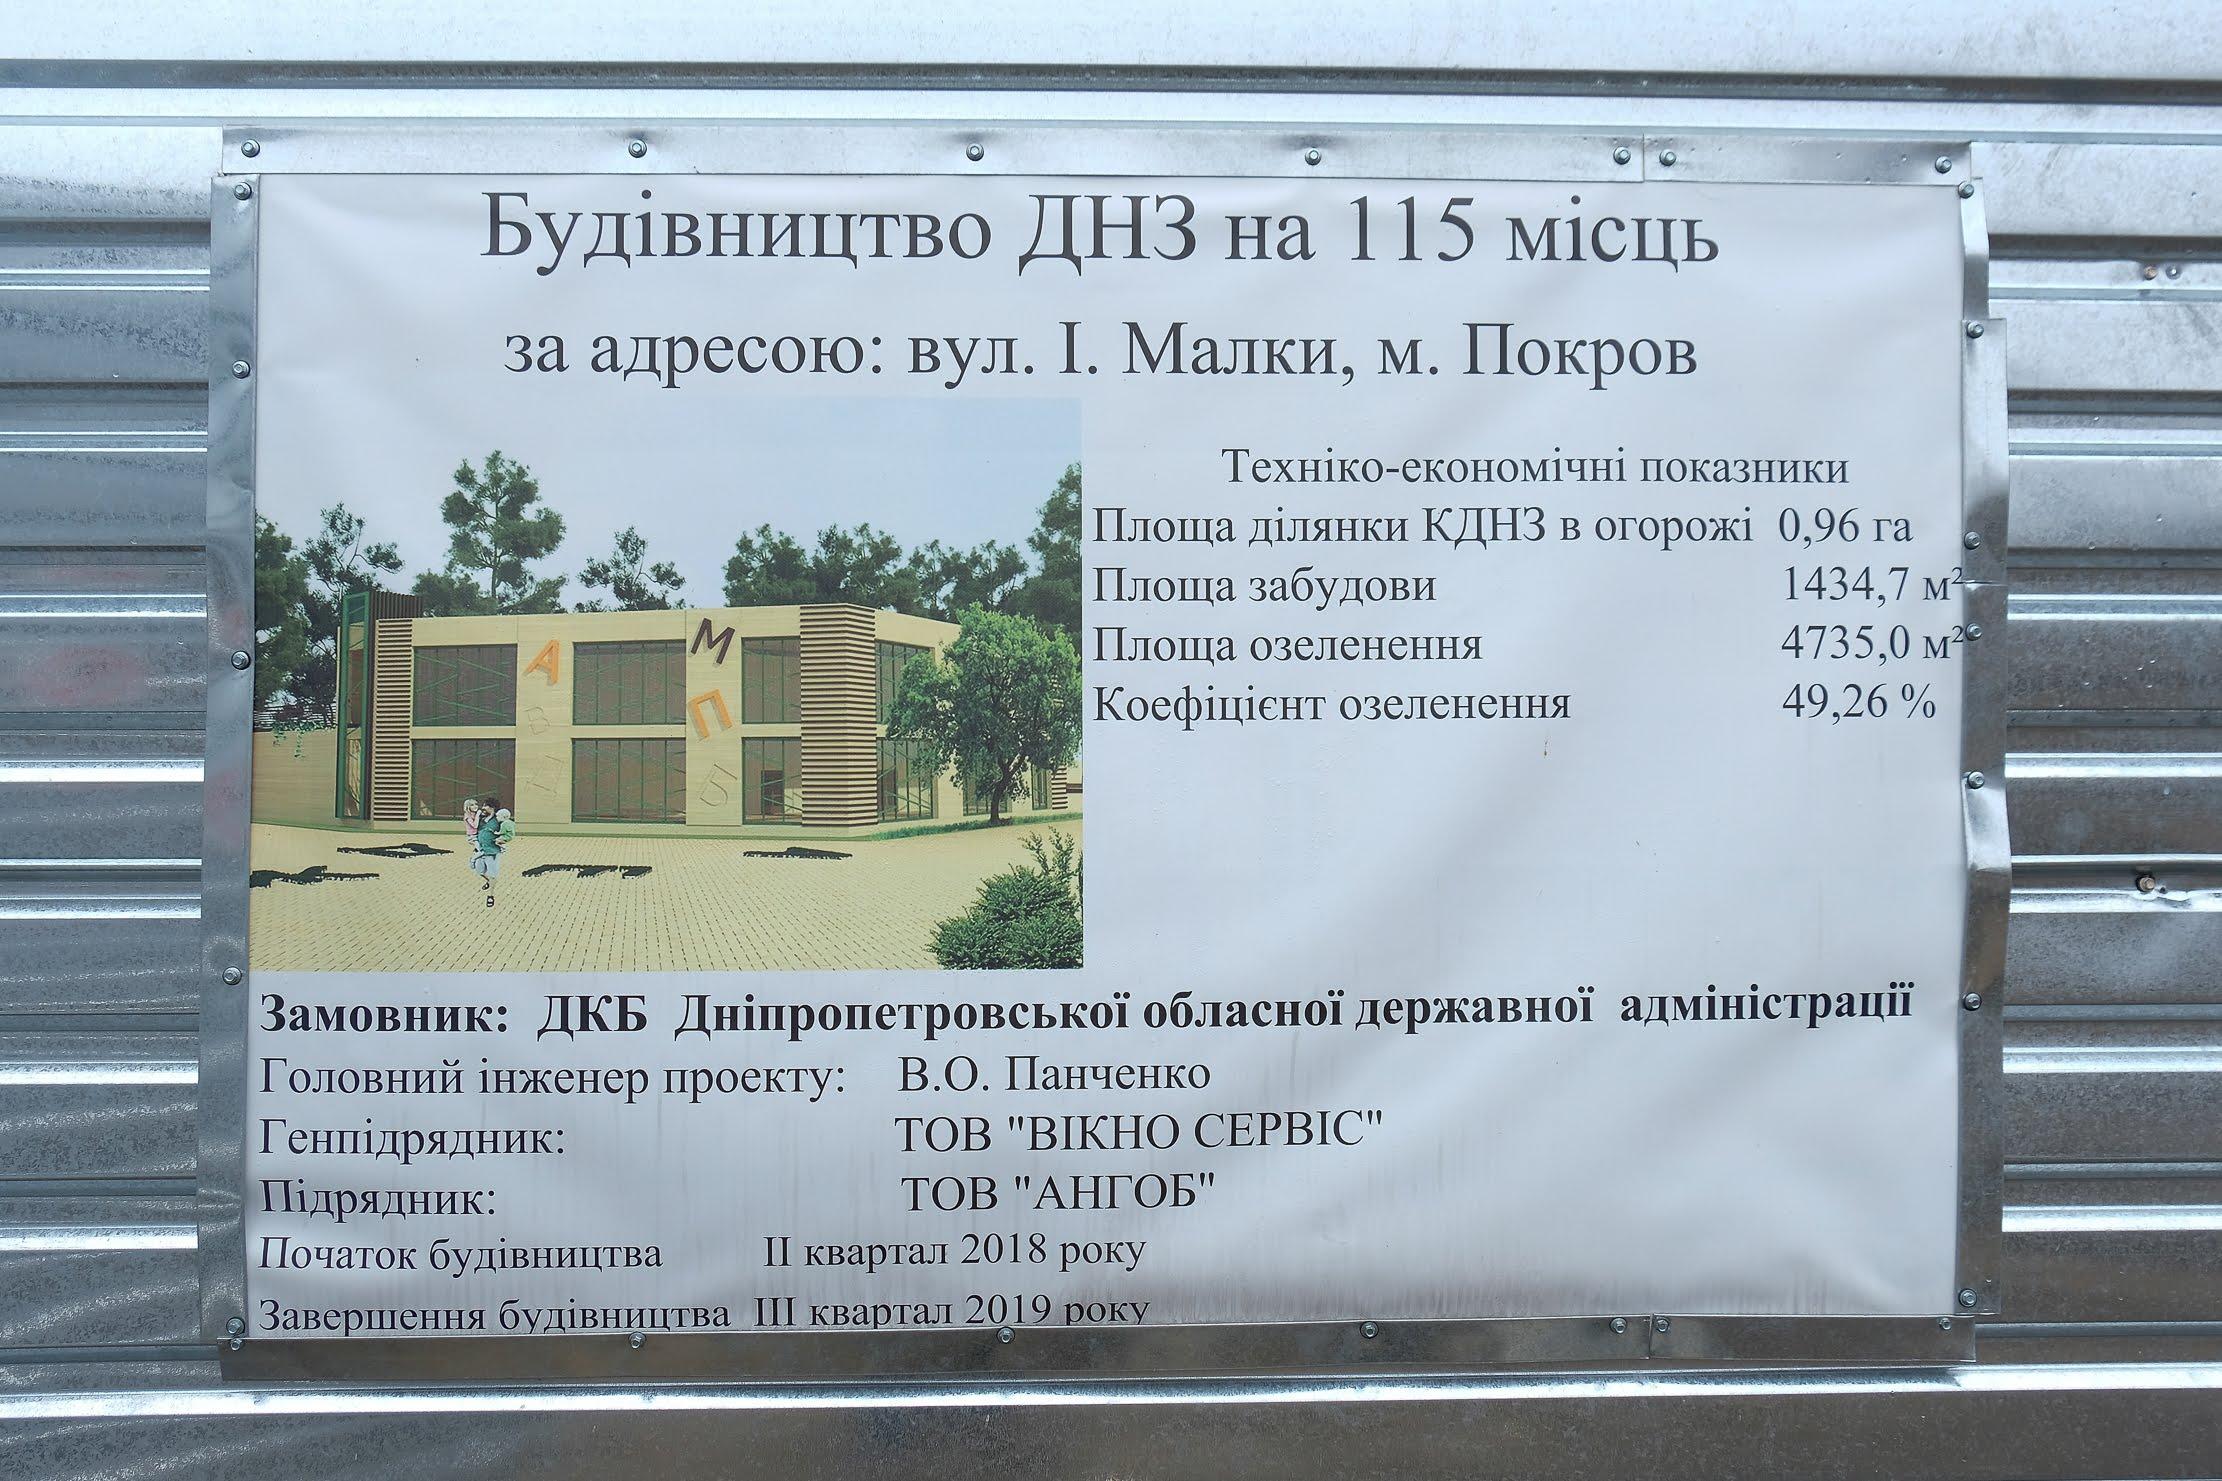 Також Дніпропетровська ОДА зводить дитсадки...3 ....в Іларіоновому, Старих Кодаках і Кам'янському.